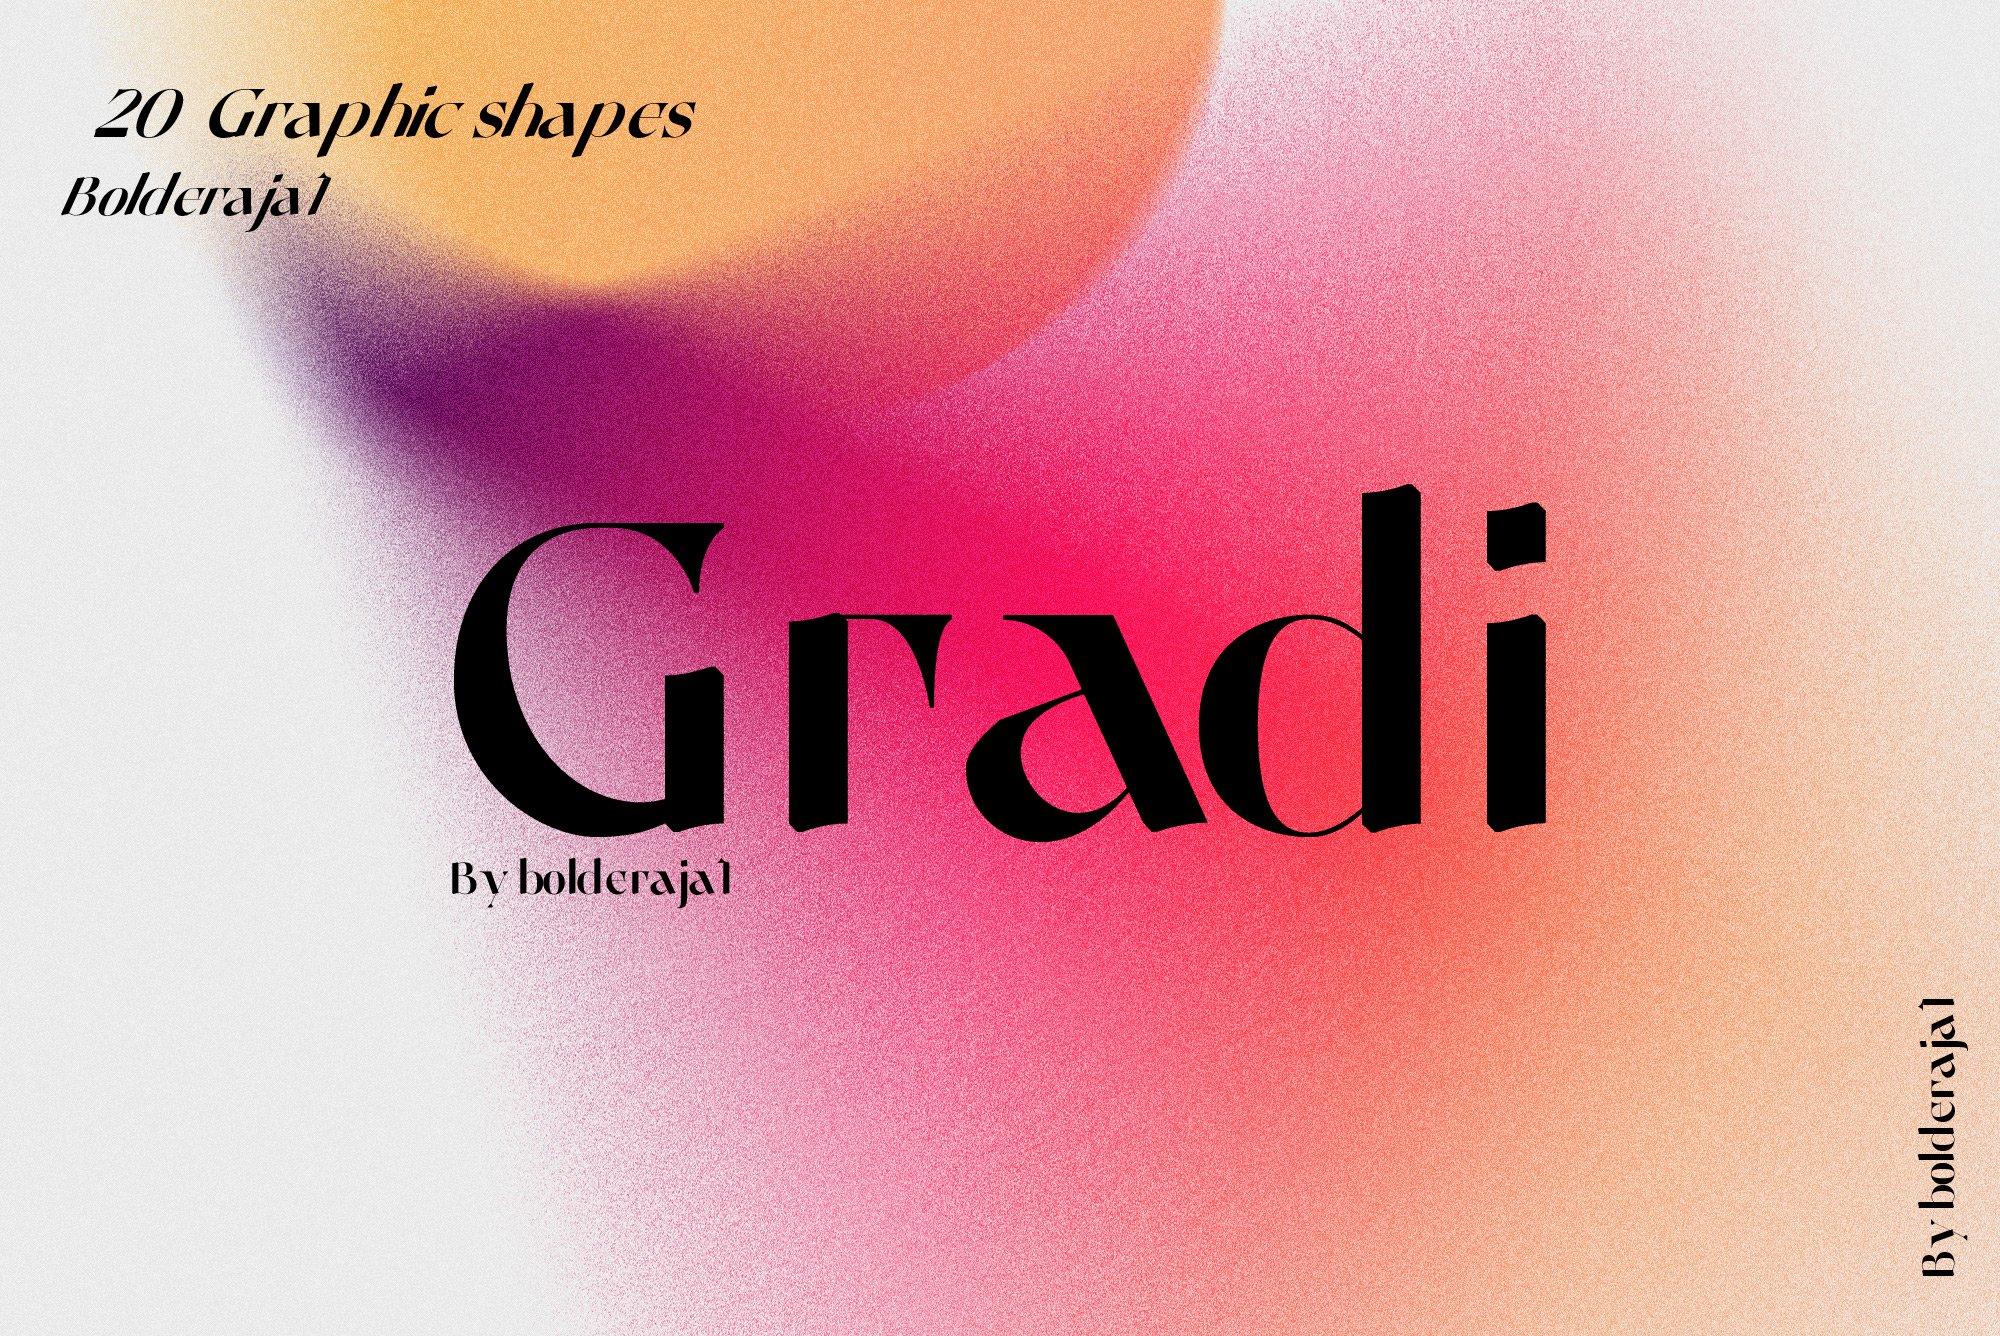 [单独购买] 潮流复古炫彩颗粒噪点模糊渐变背景纹理图形设计素材 Gradient Color Grainy Textures插图4